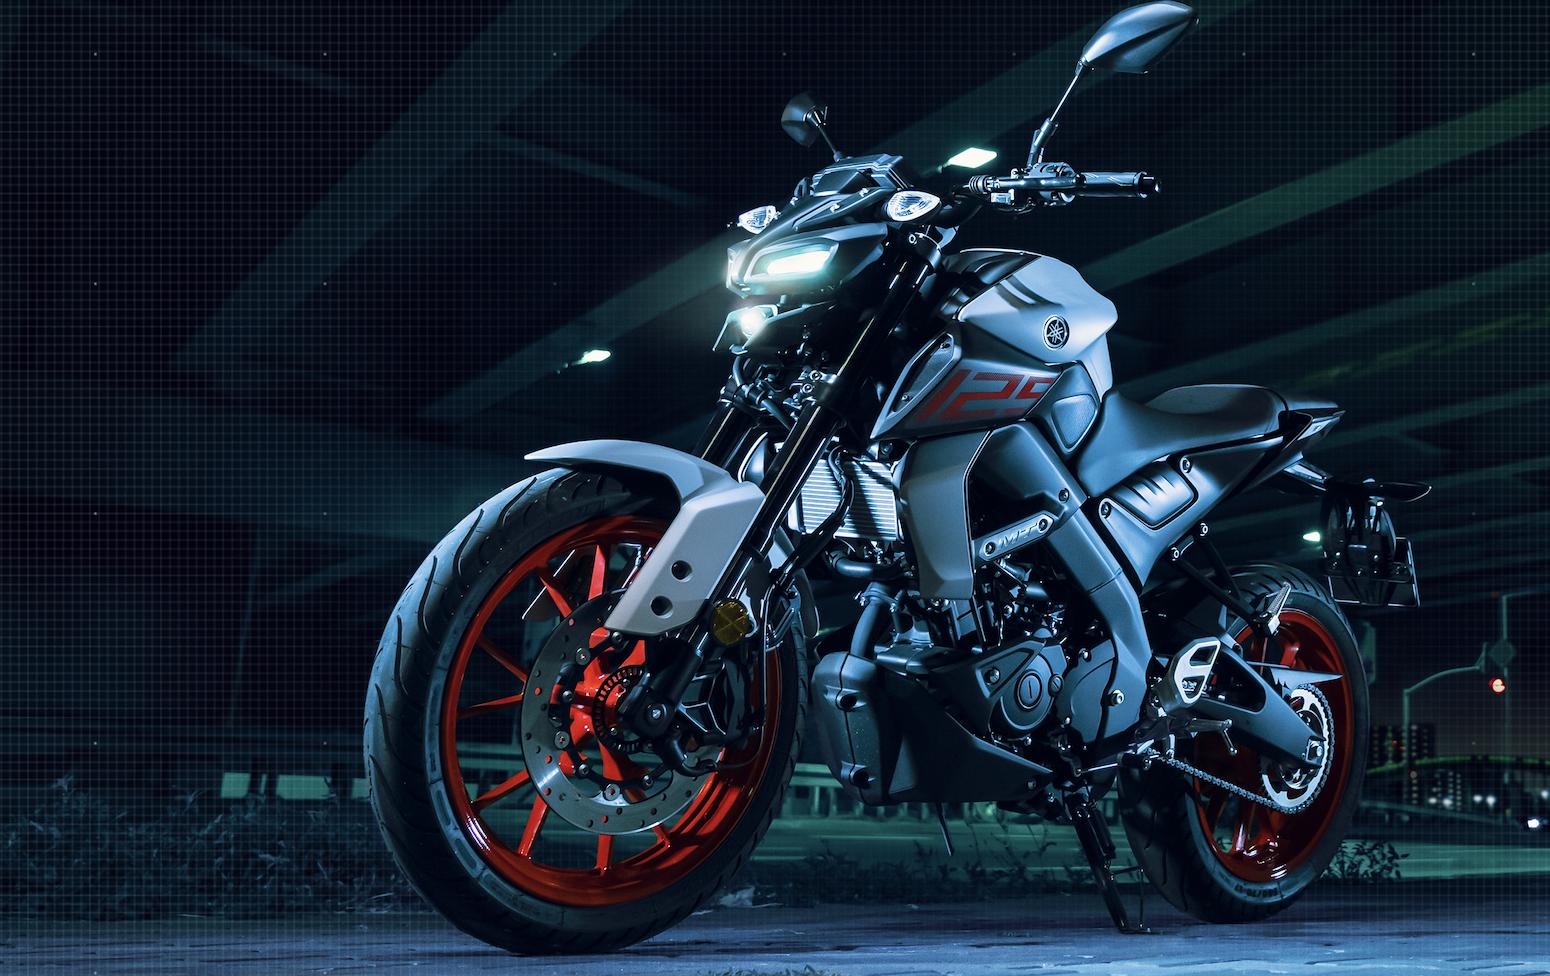 ВИДЕО: Маленький размер, большой шарм — Топ-10 лучших мотоциклов объемом 125 куб. См в 2021 году